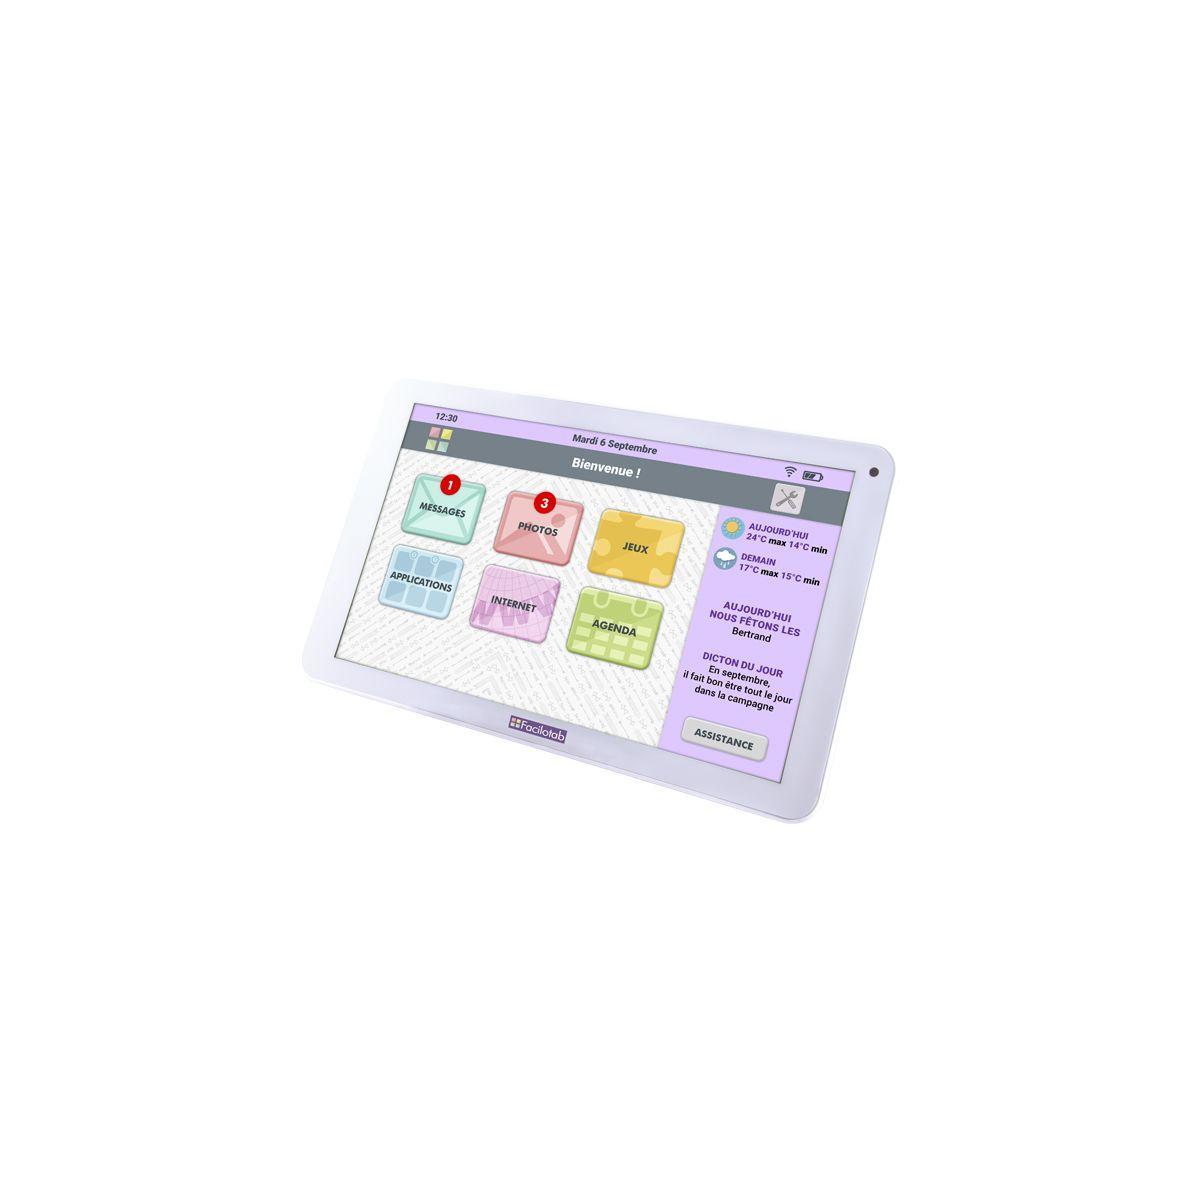 Tablette cdip facilotab 32go 10.1'' blan (photo)